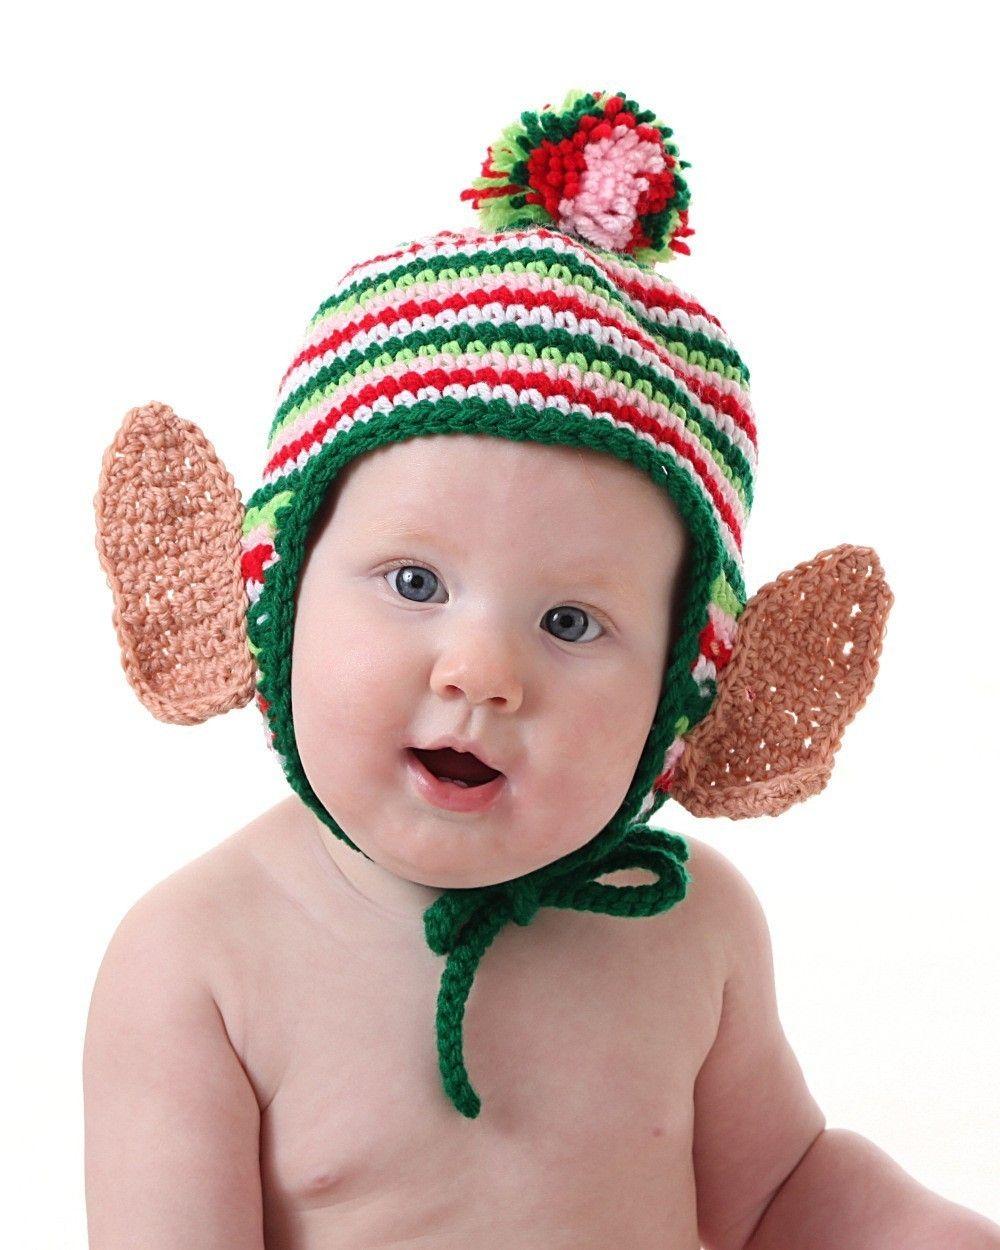 Christmas Elf Earflap Hat CROCHET PATTERN $5   Crochet   Pinterest